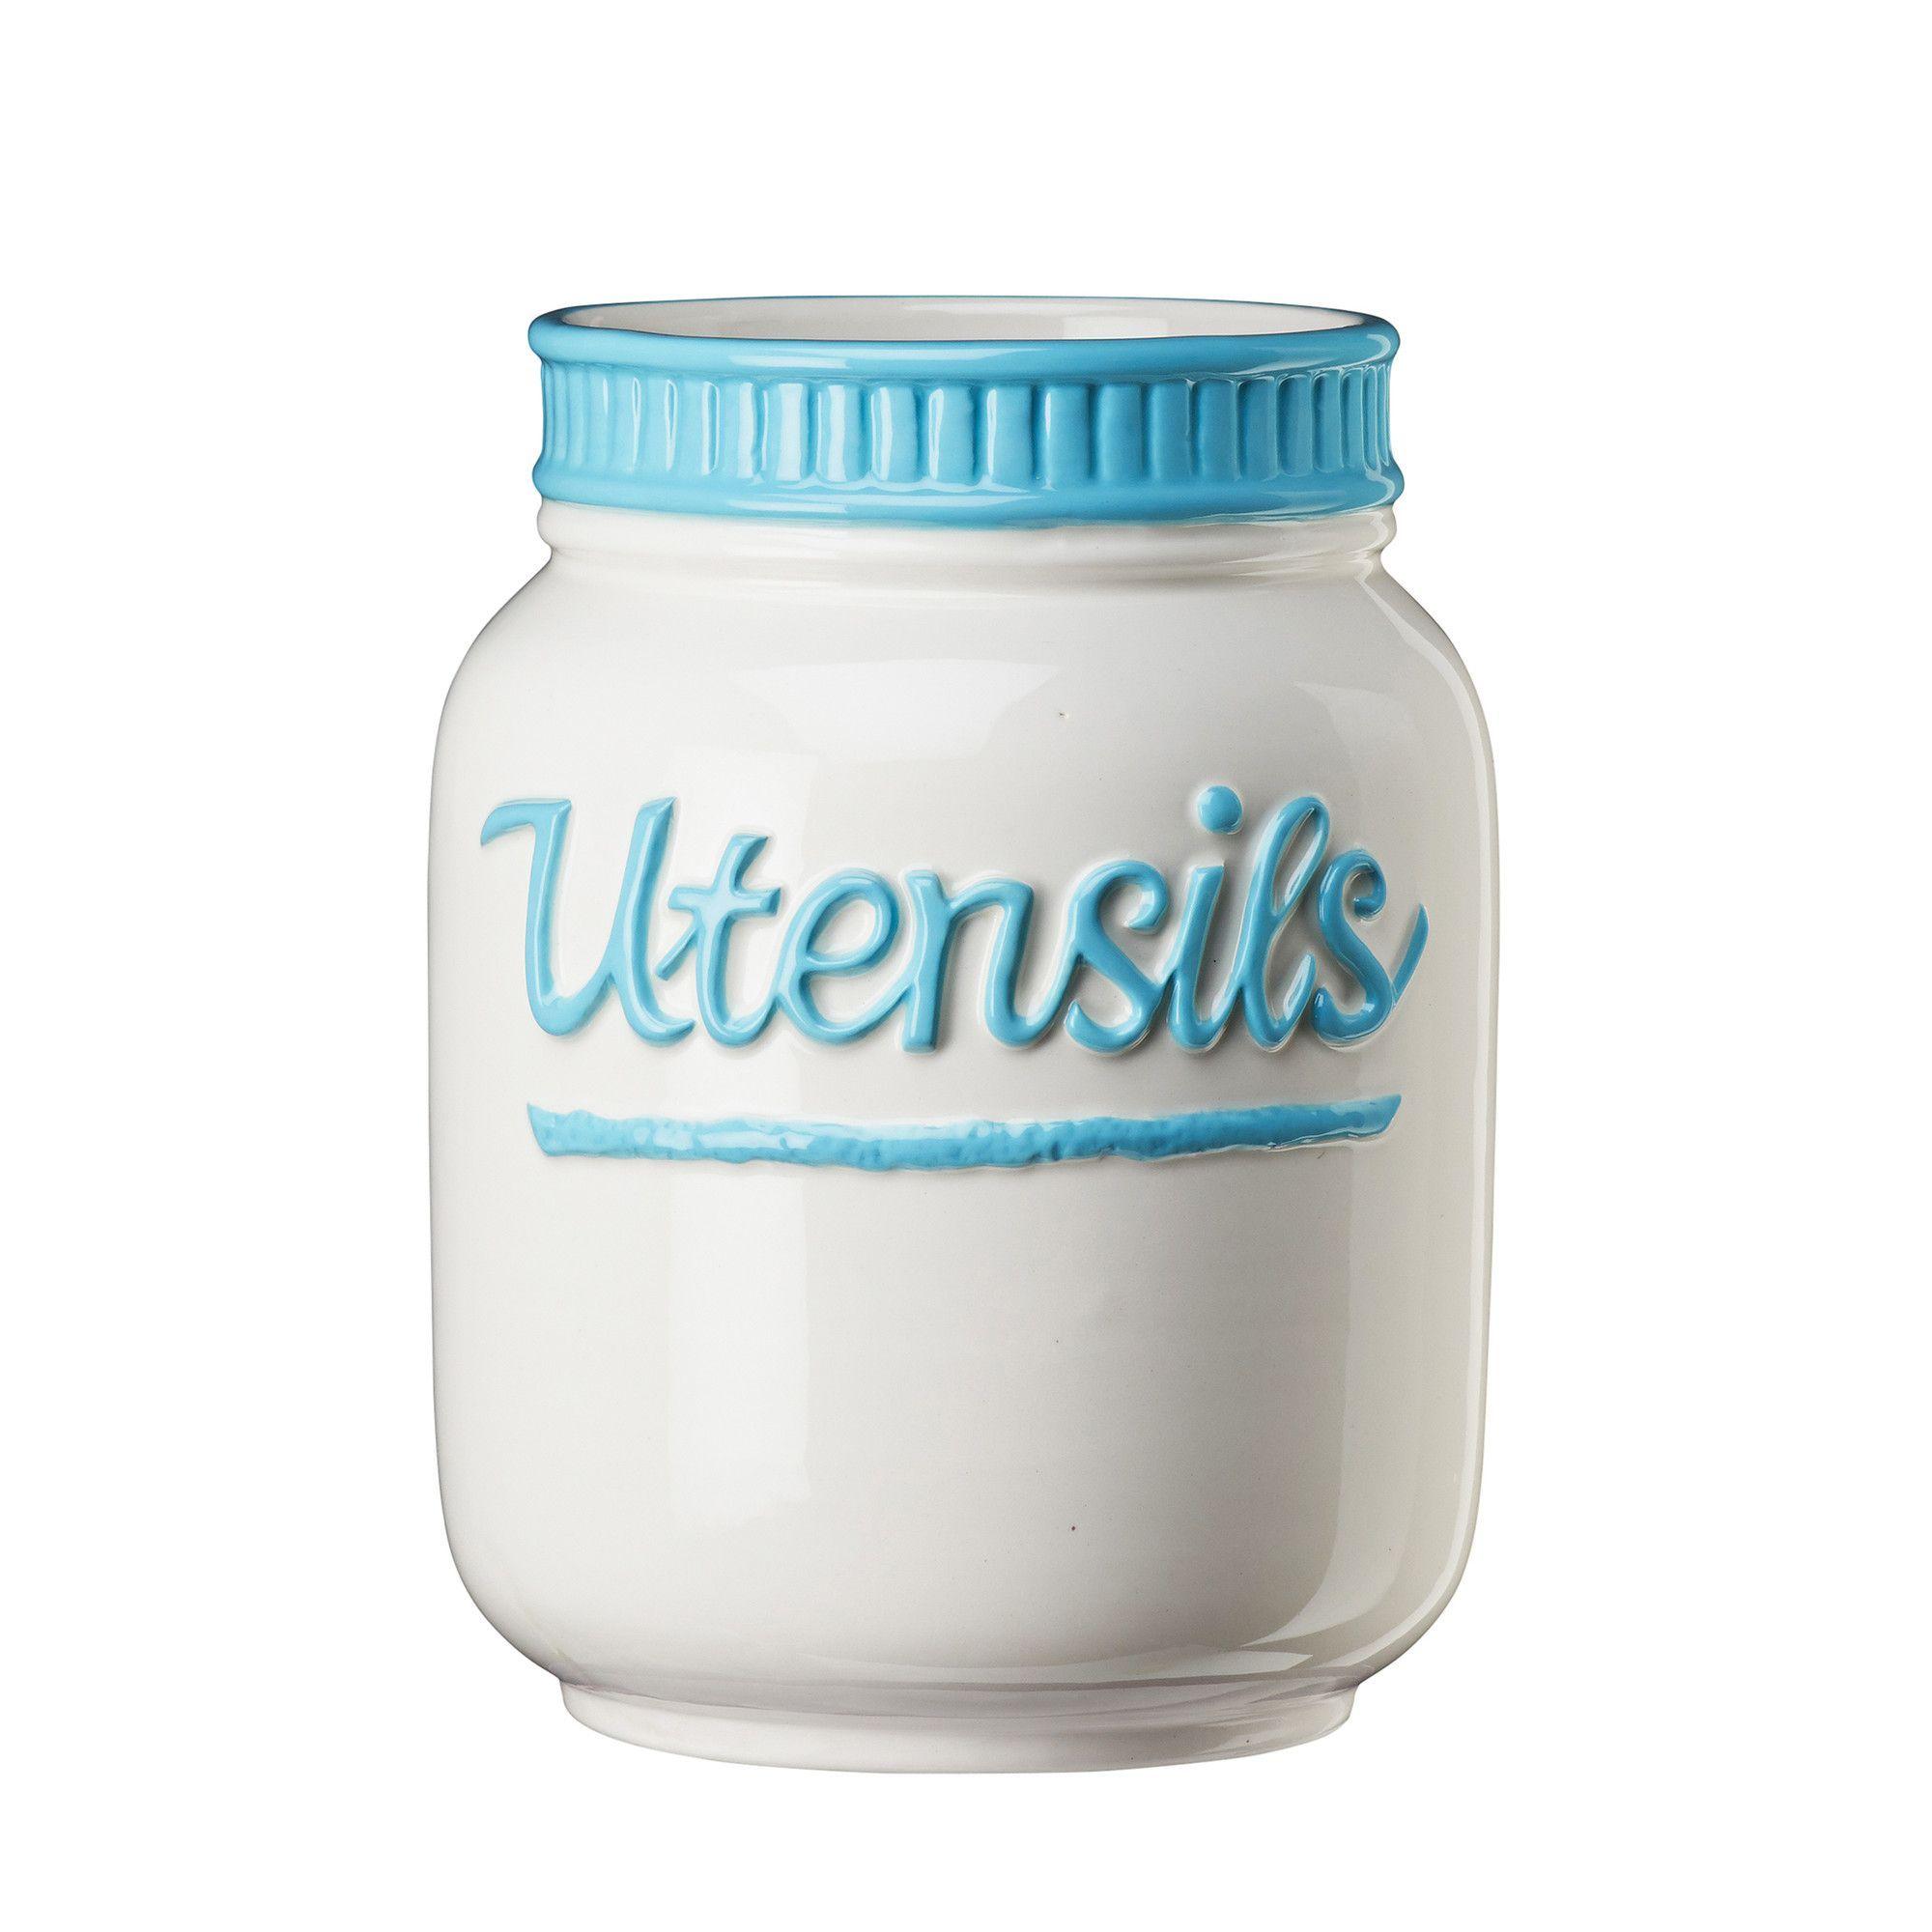 Dixie Kitchen Utensil Jar | Products | Pinterest | Kitchen utensils ...